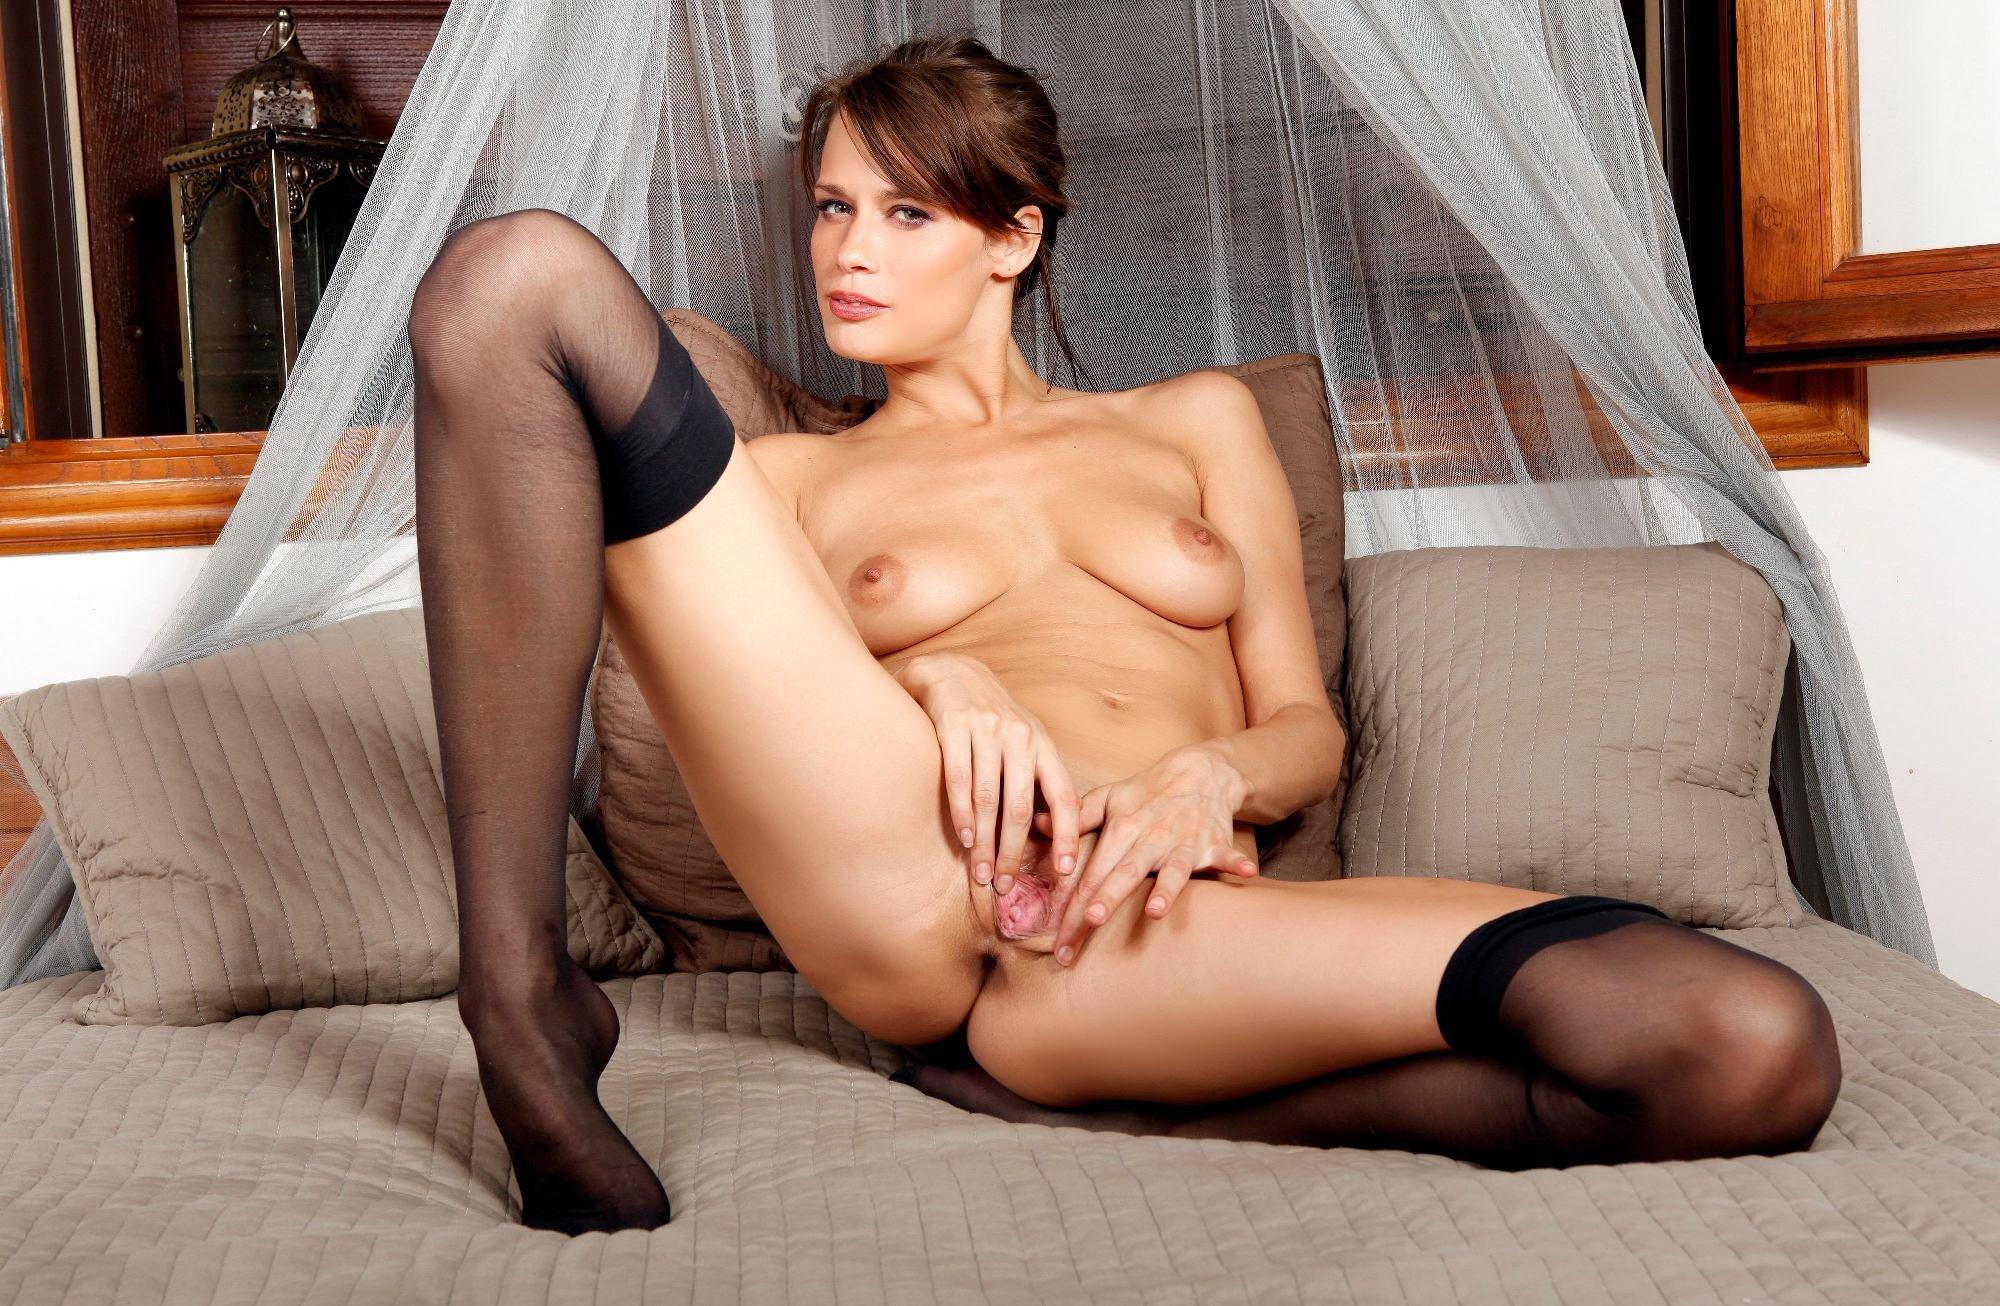 порно фото девушек с бритыми кисками в чулках